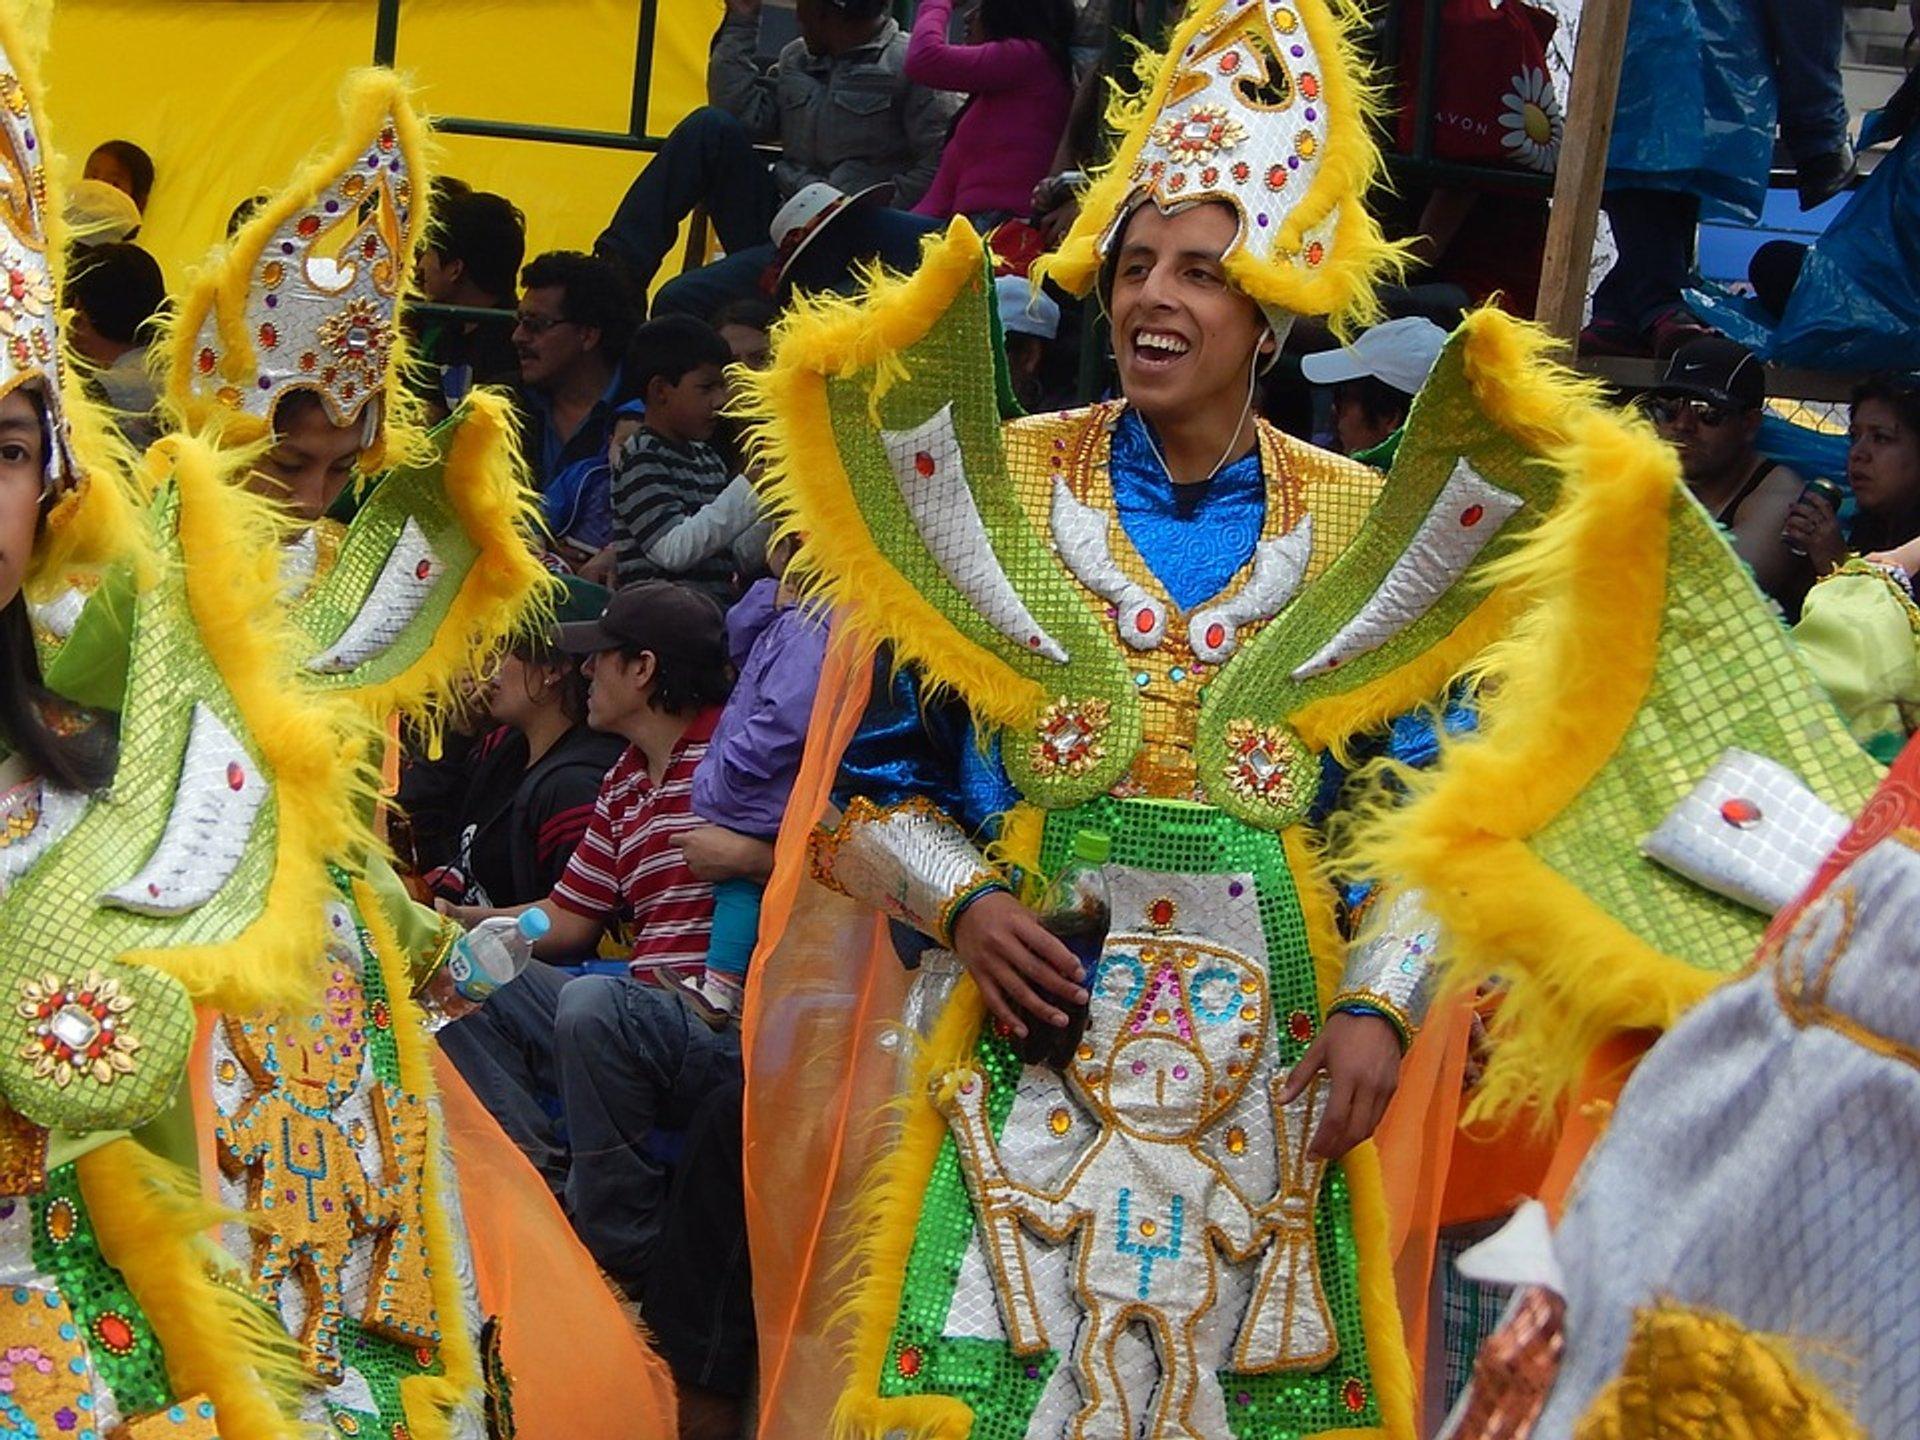 Carnival in Peru 2020 - Best Time